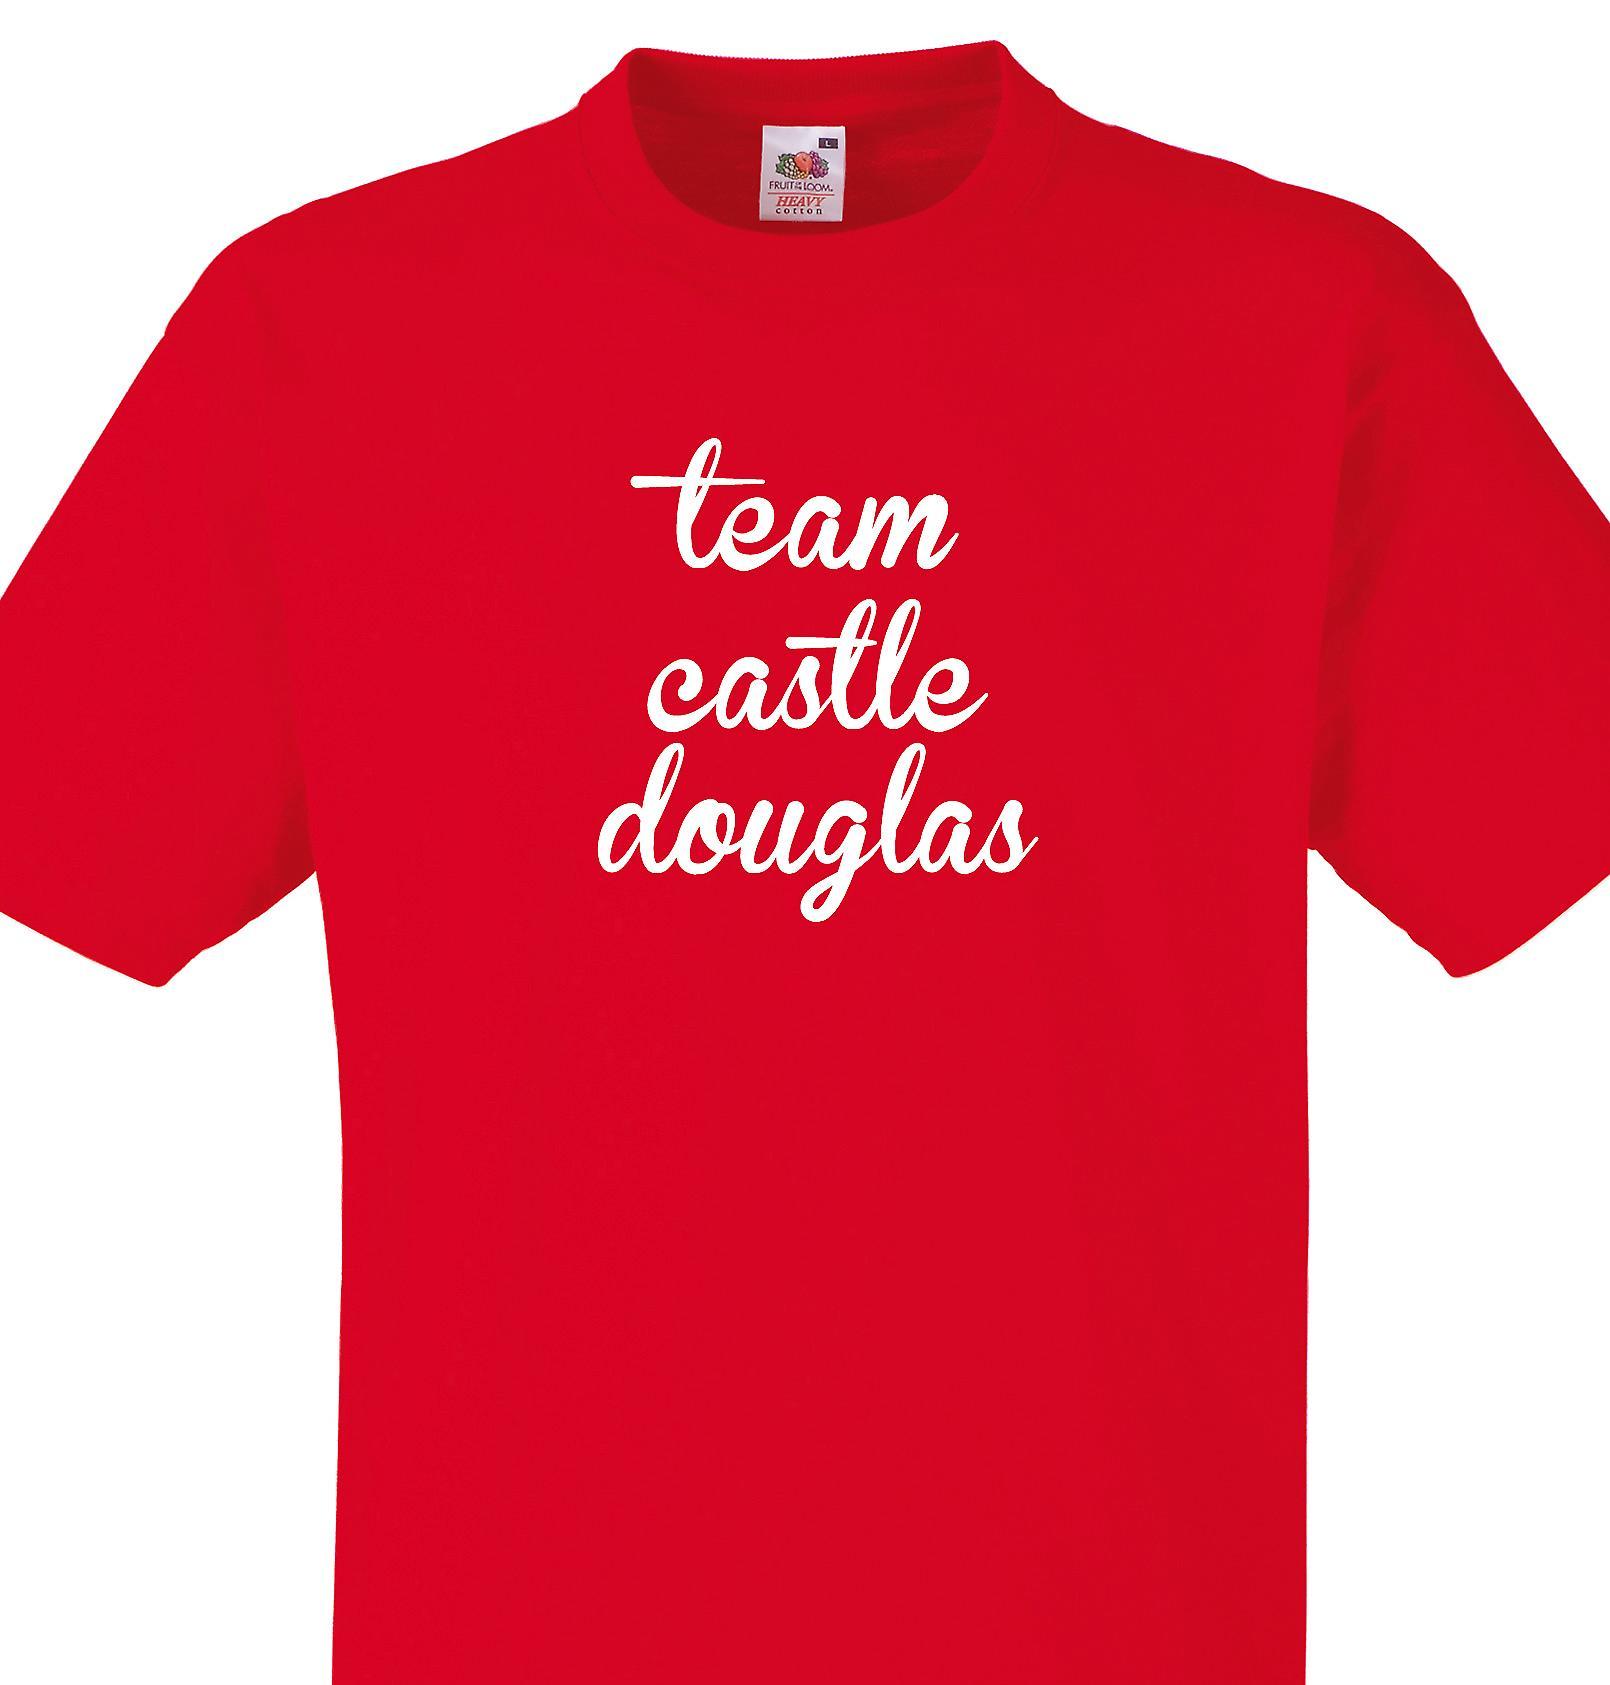 Team Castle douglas Red T shirt